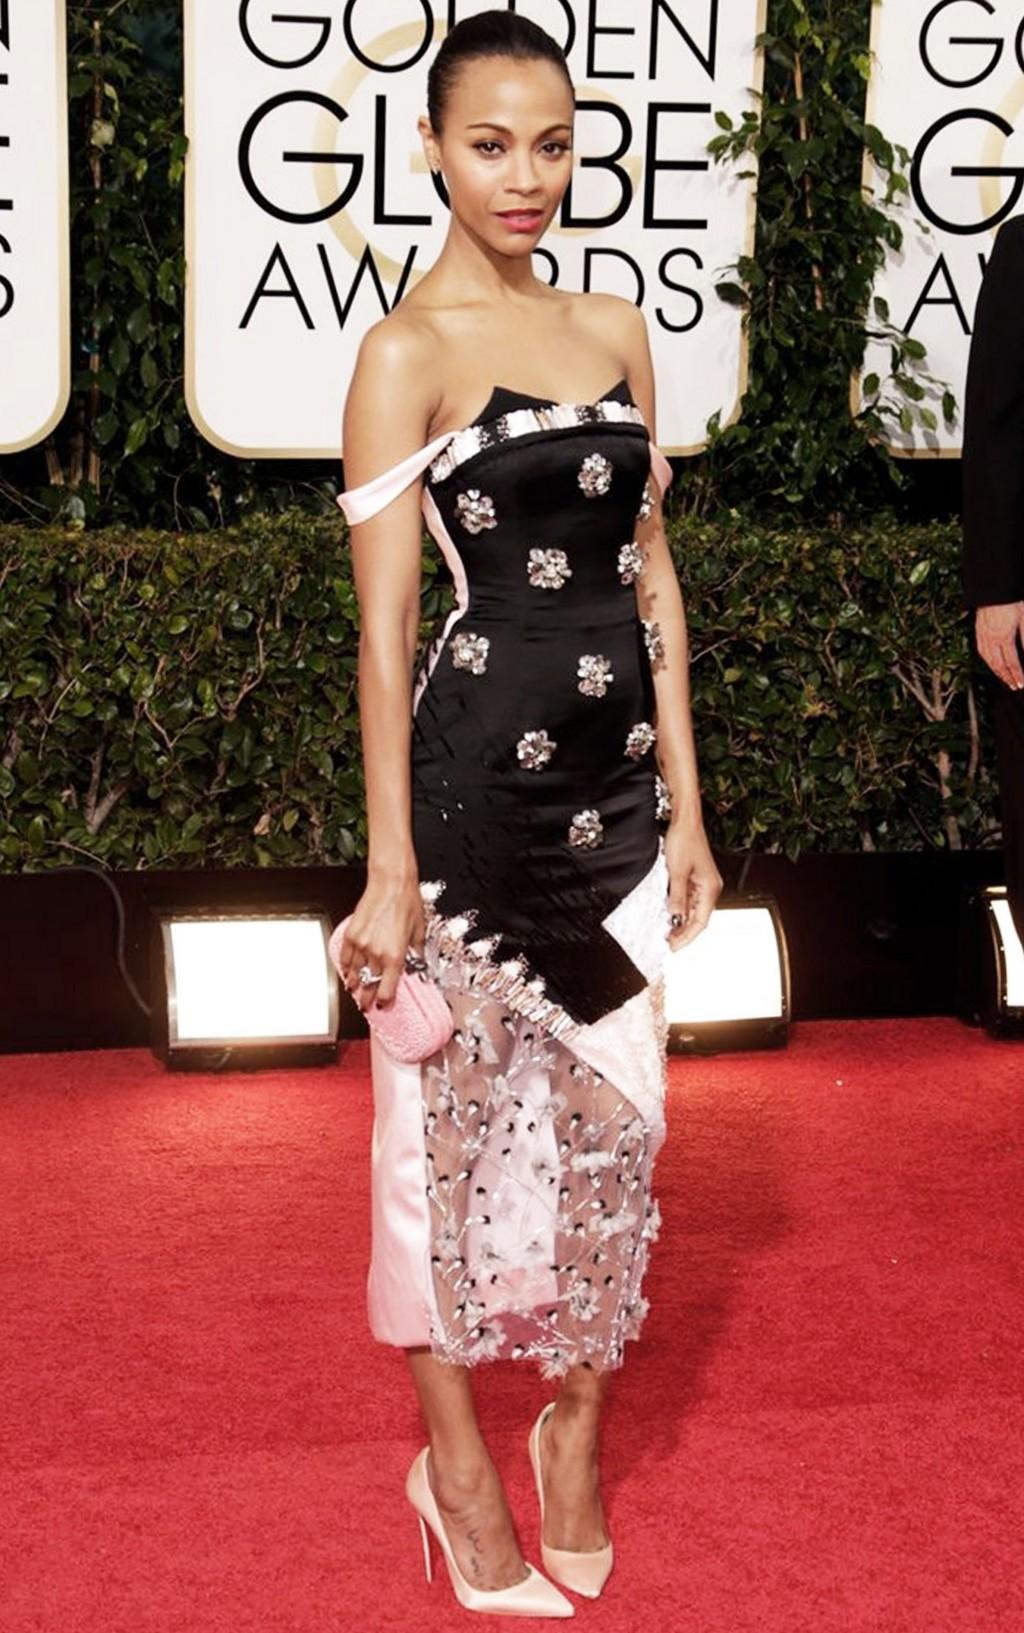 Nữ diễn viên Zoe Saldana tại lễ trao giải thưởng Golden Globe 2014